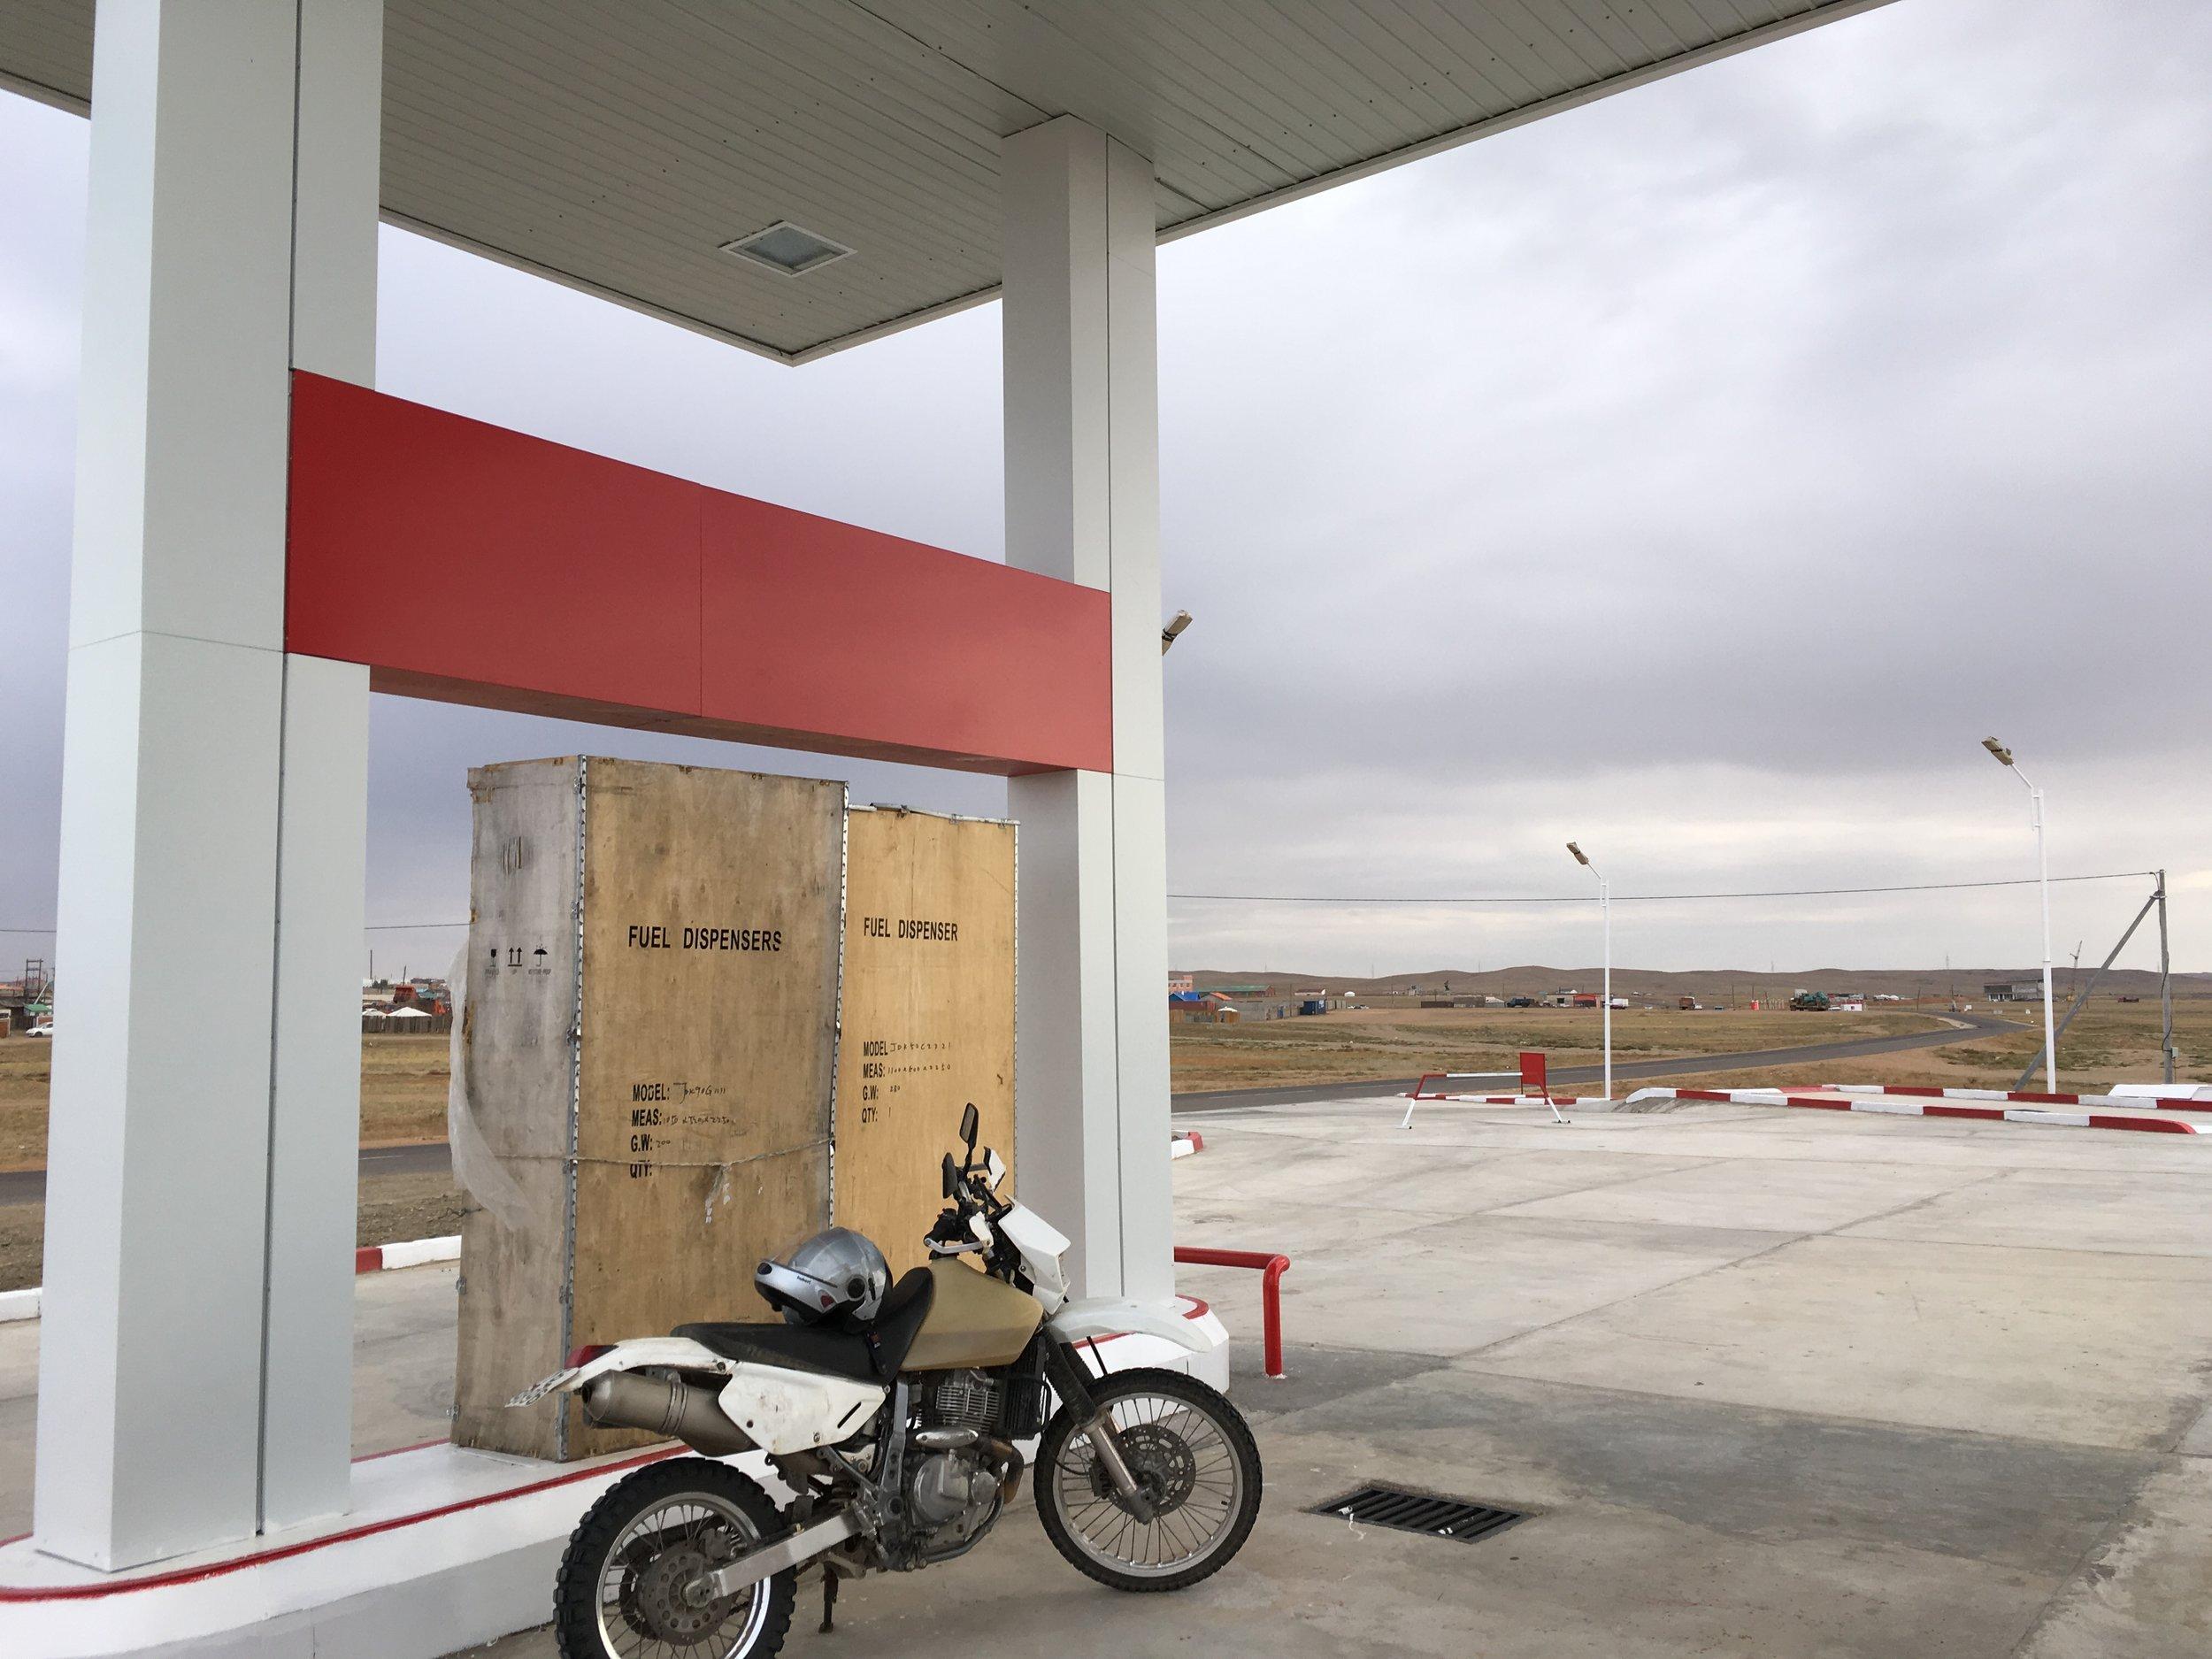 Bensan kanssa Mongoliassa voi tulla yksinmatkustavalla nopeasti äitiä ikävää :) Monet asemat on kiinni ja kylien väli voi olla jopa satoja kilometriä... Huoltoautossa meillä oli mukana aina noin 150 litraa löpöä ja tietysti tankattiin aina mahdollisuuksien mukaan...